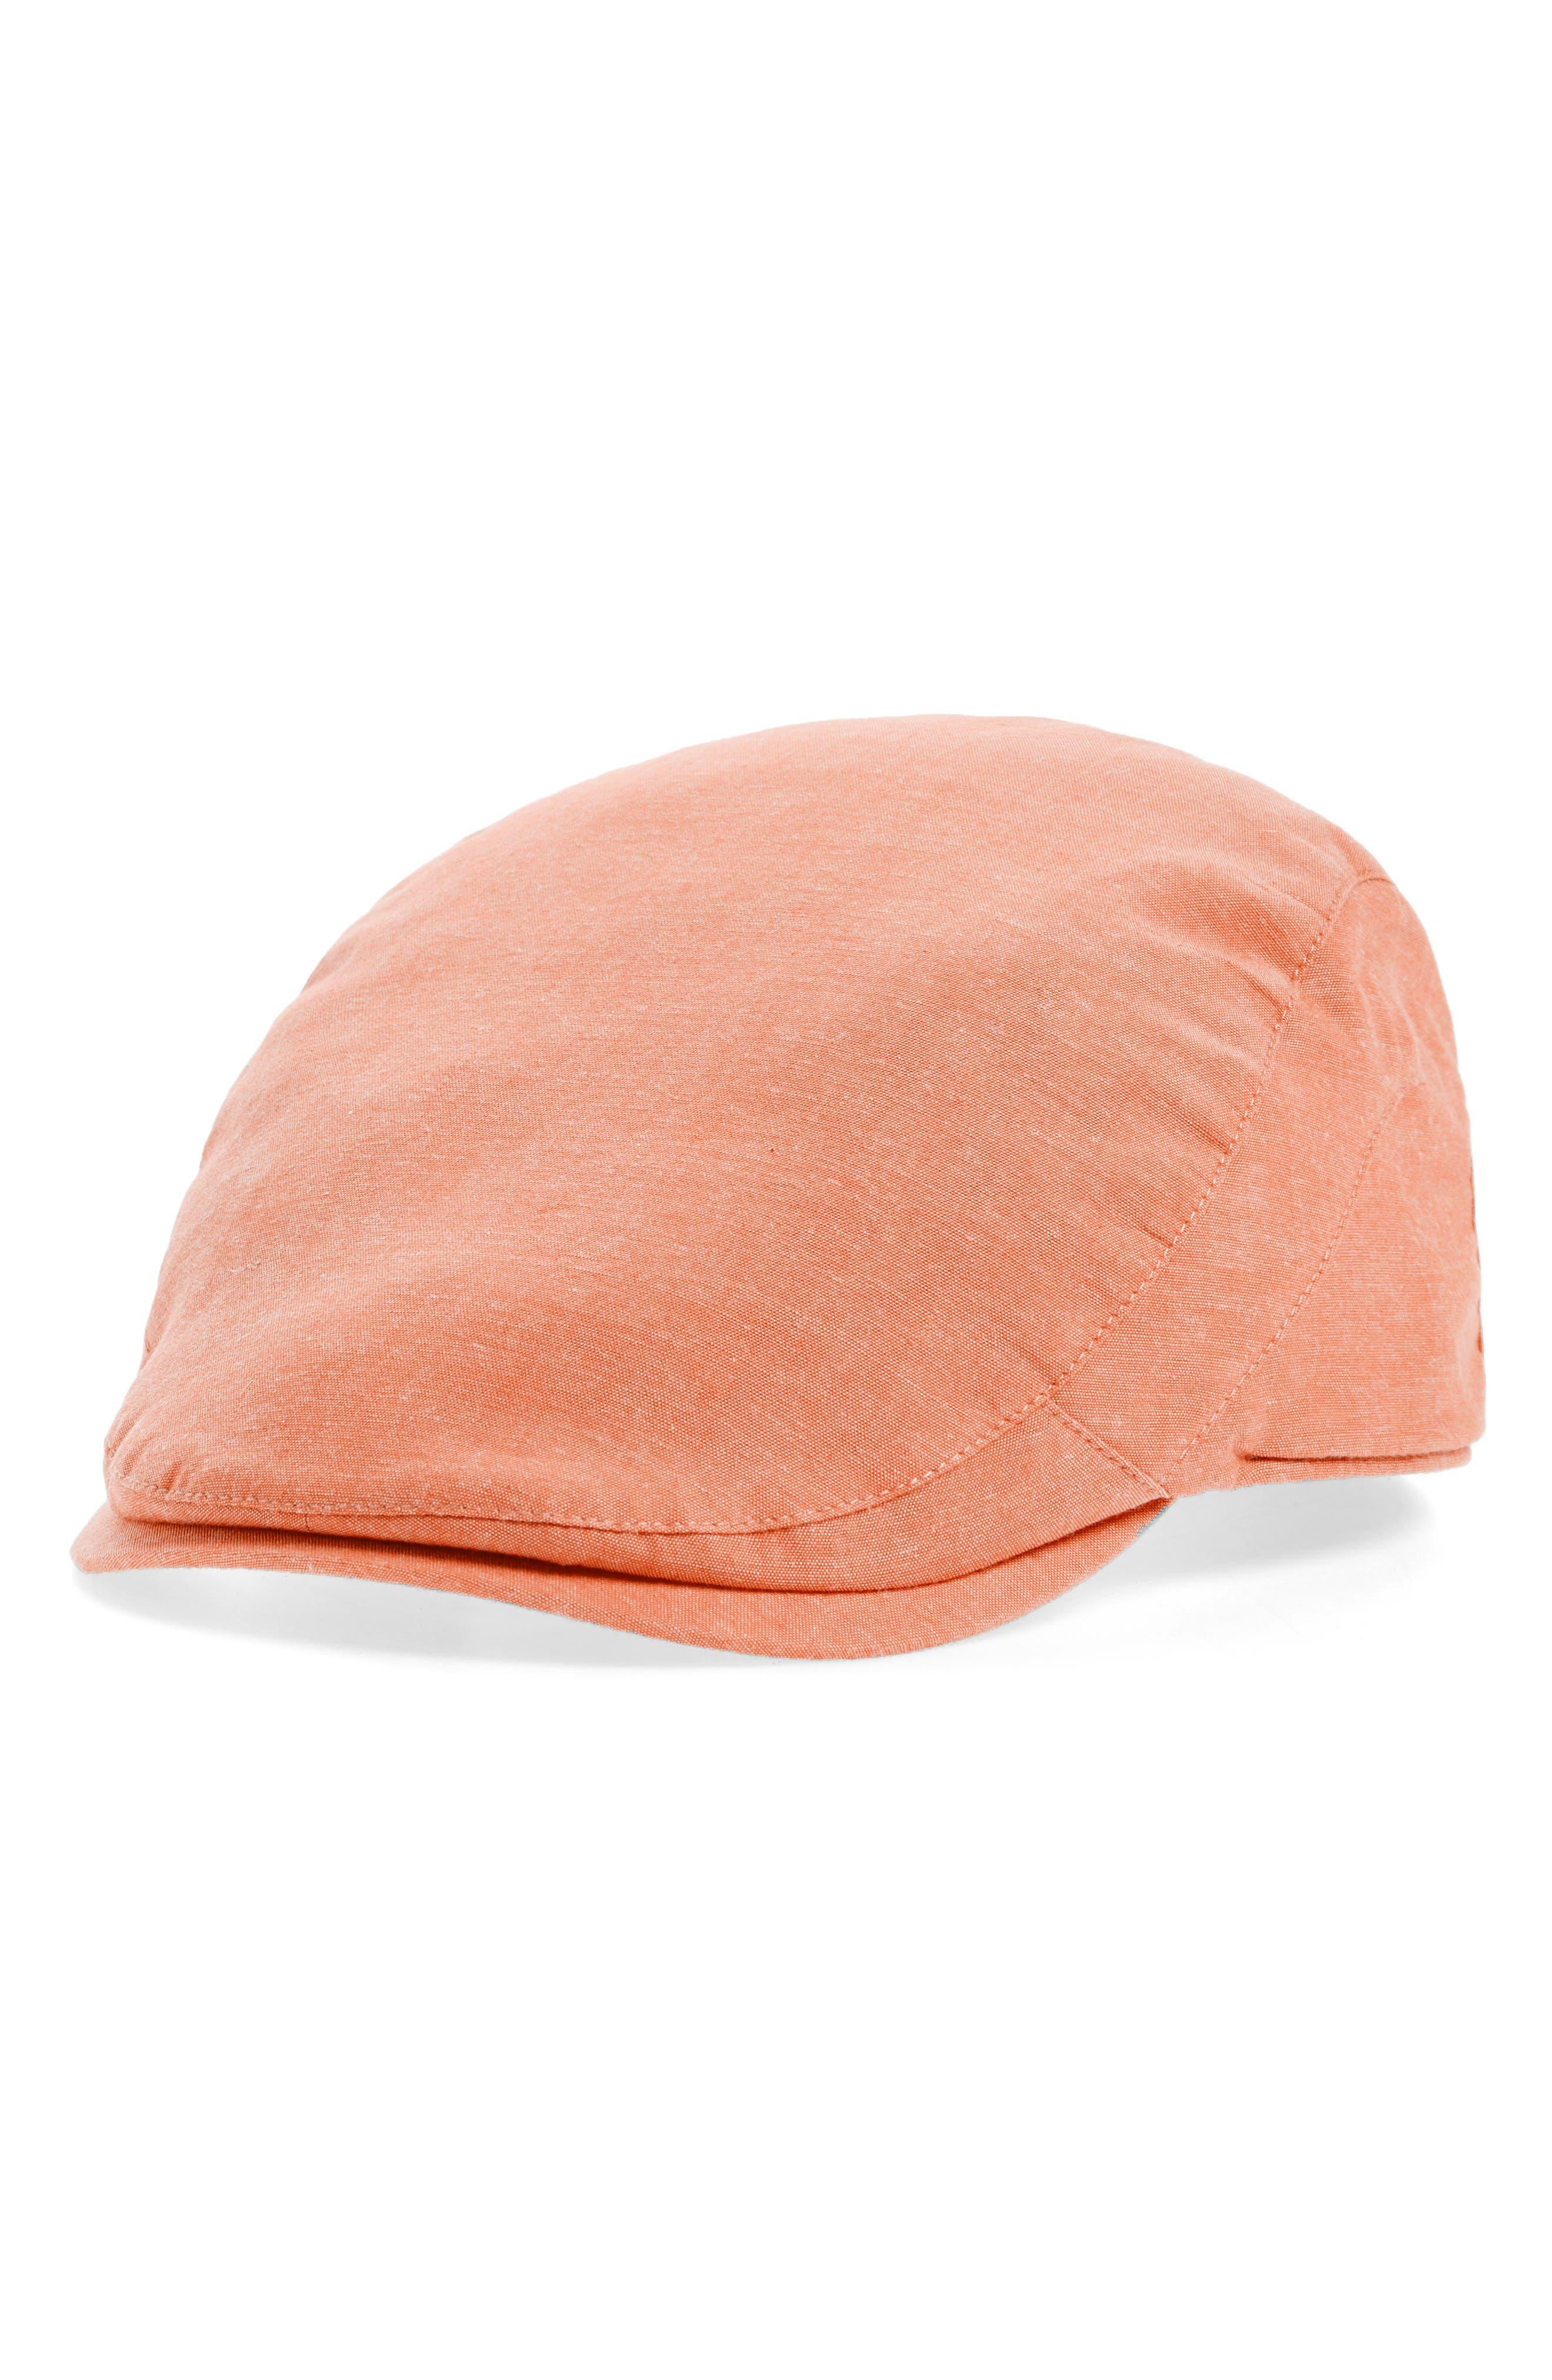 c9e804f2ca0 Men s Newsboy Hats